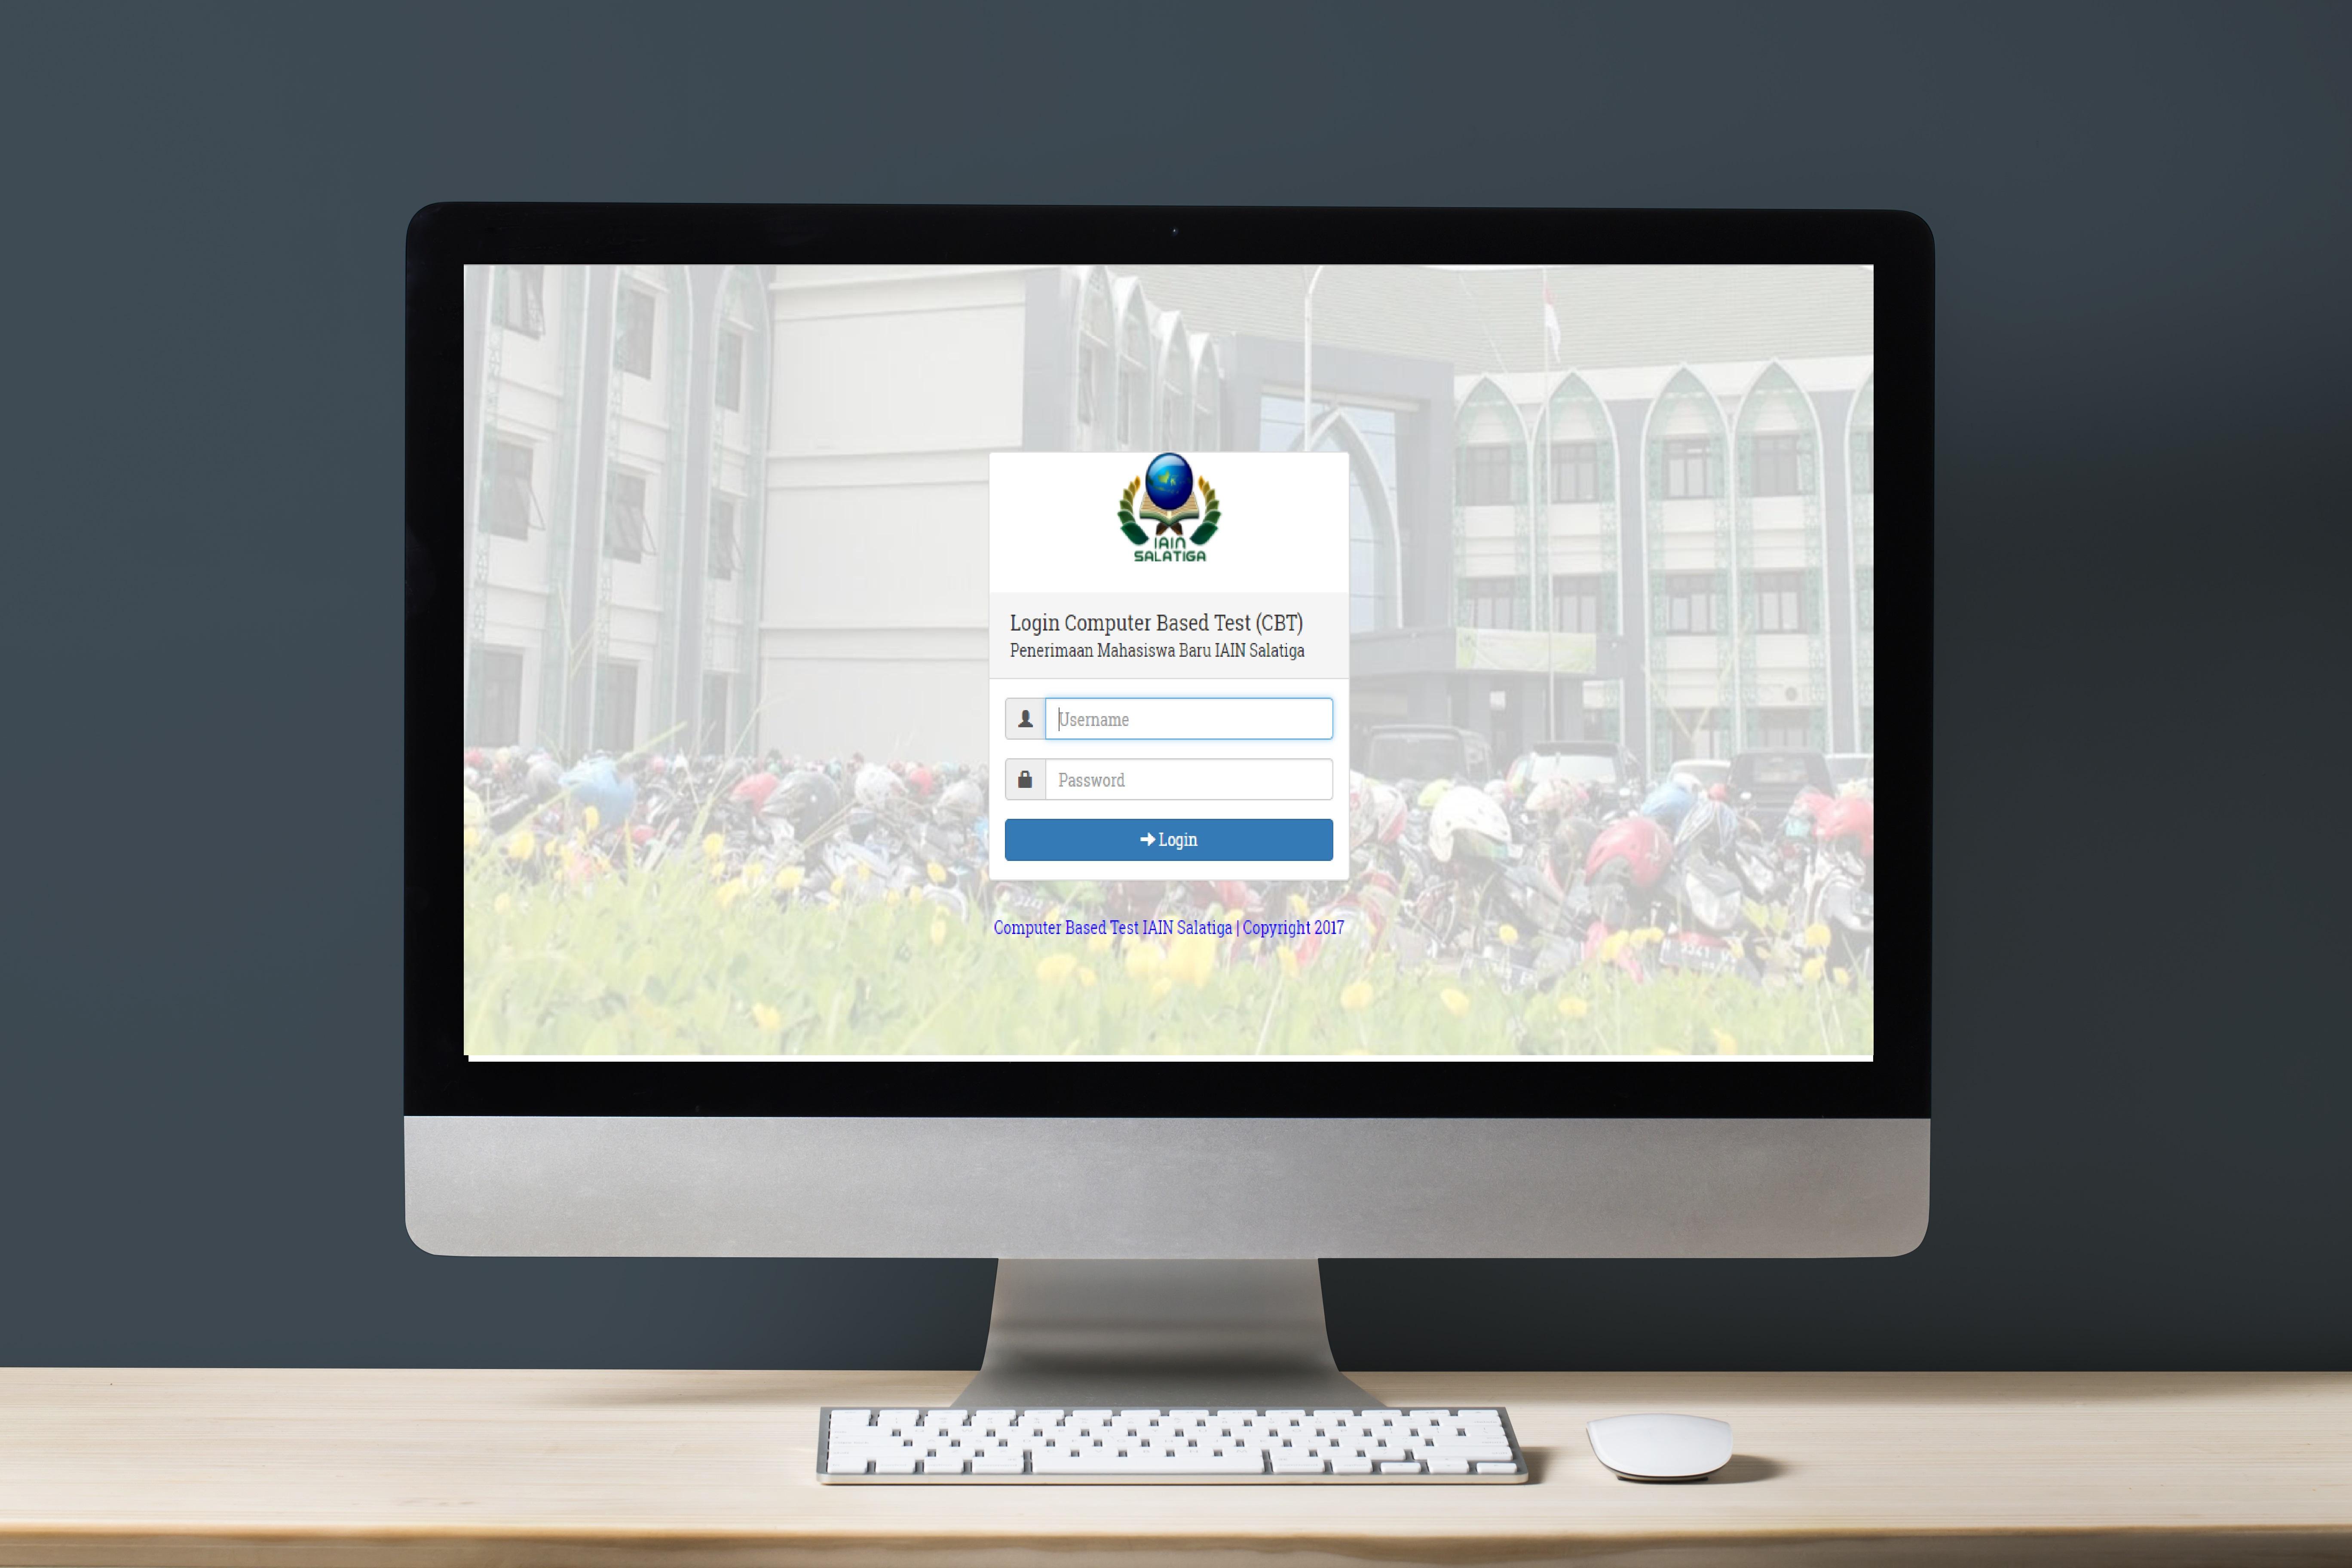 Kalender Pendidikan 2015 Sma Kalender Pendidikan 2015 2016 Kalender Pendidikan Yogyakarta 2014